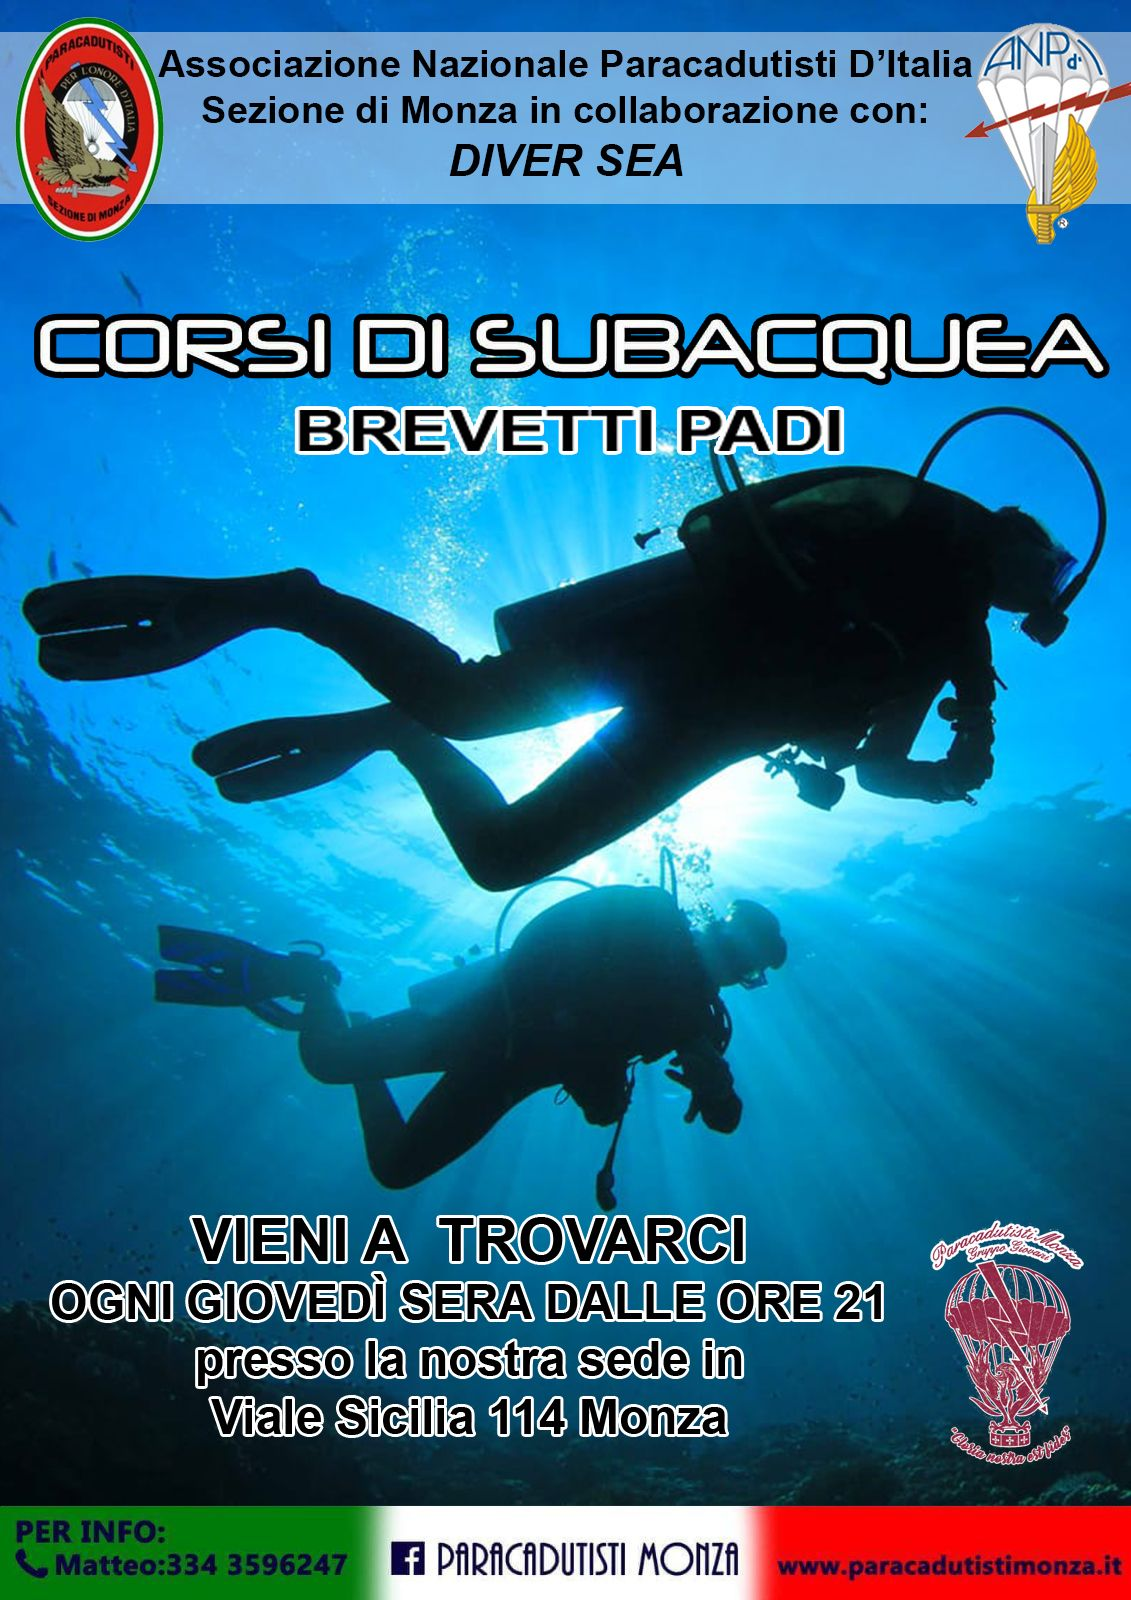 Subaquea – Brevetto PADI in collaborazione con Diver Sea